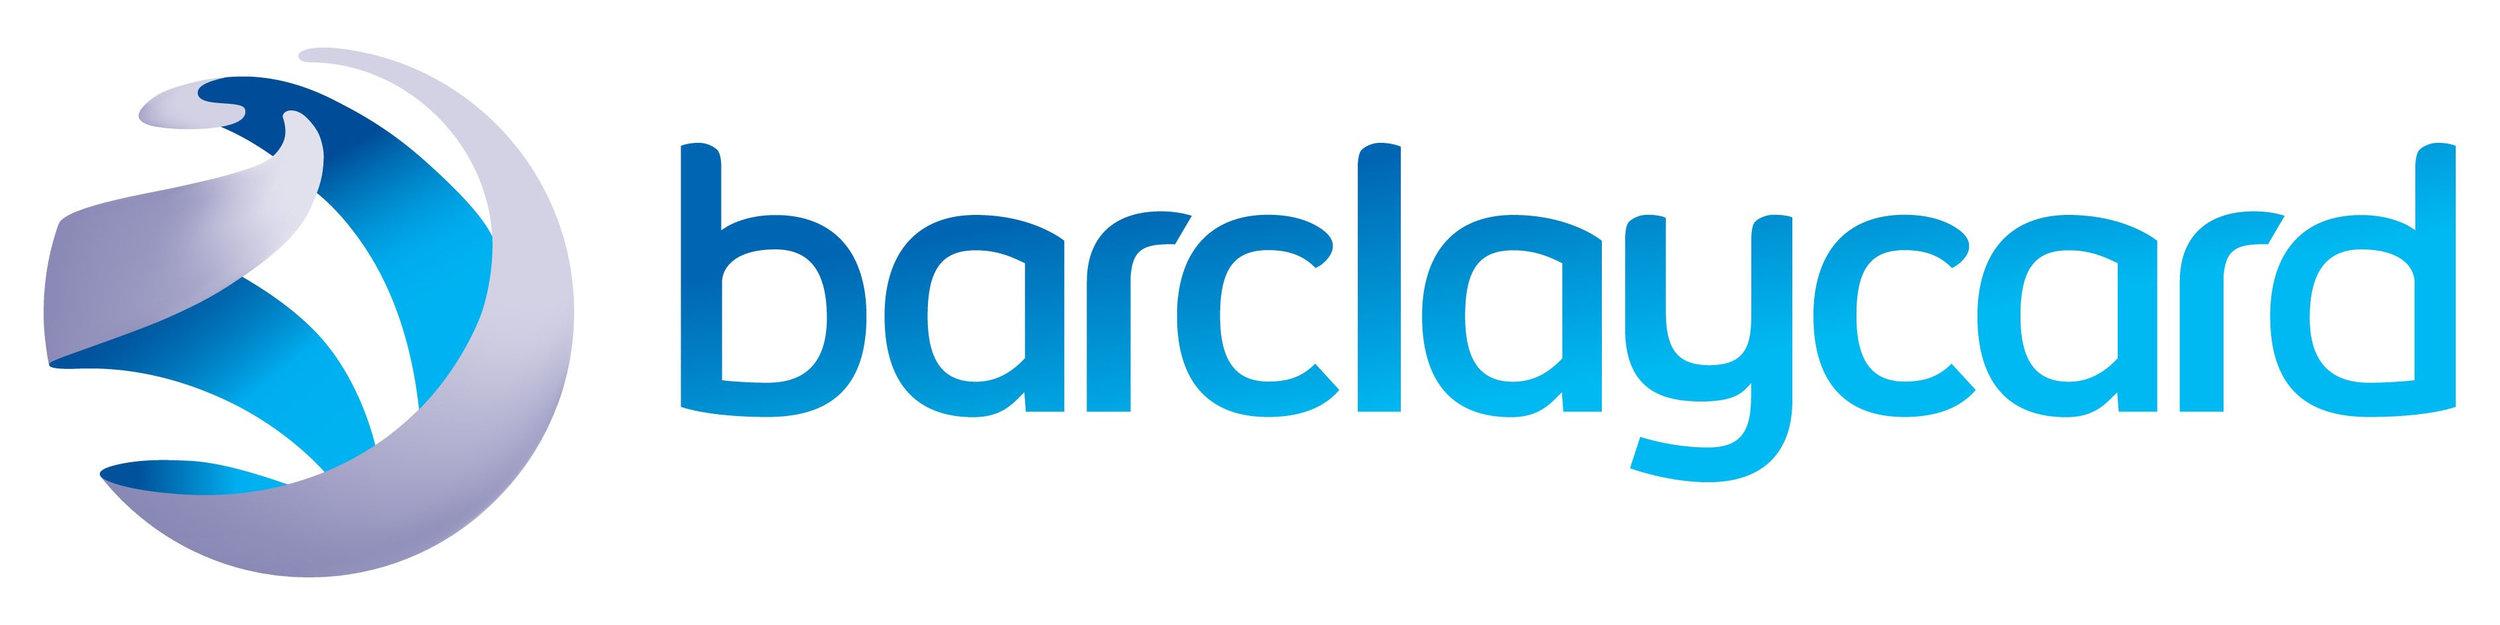 Barclaycard.jpeg